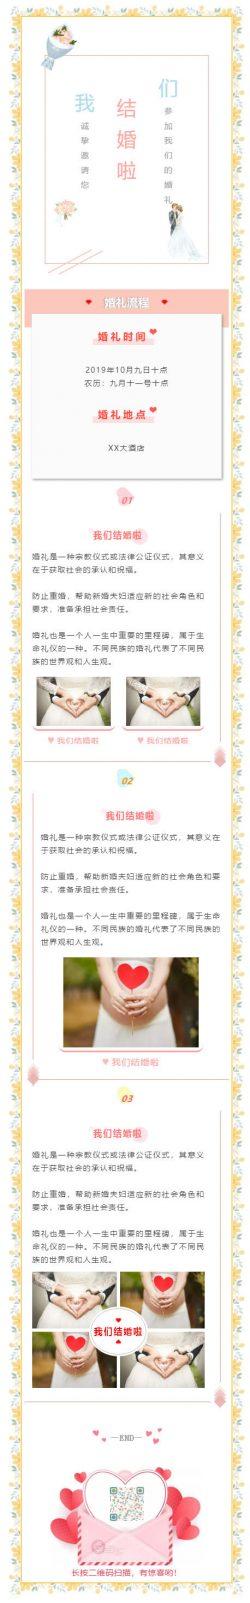 婚礼结婚微信公众号推送模板粉丝喜庆图文推文素材